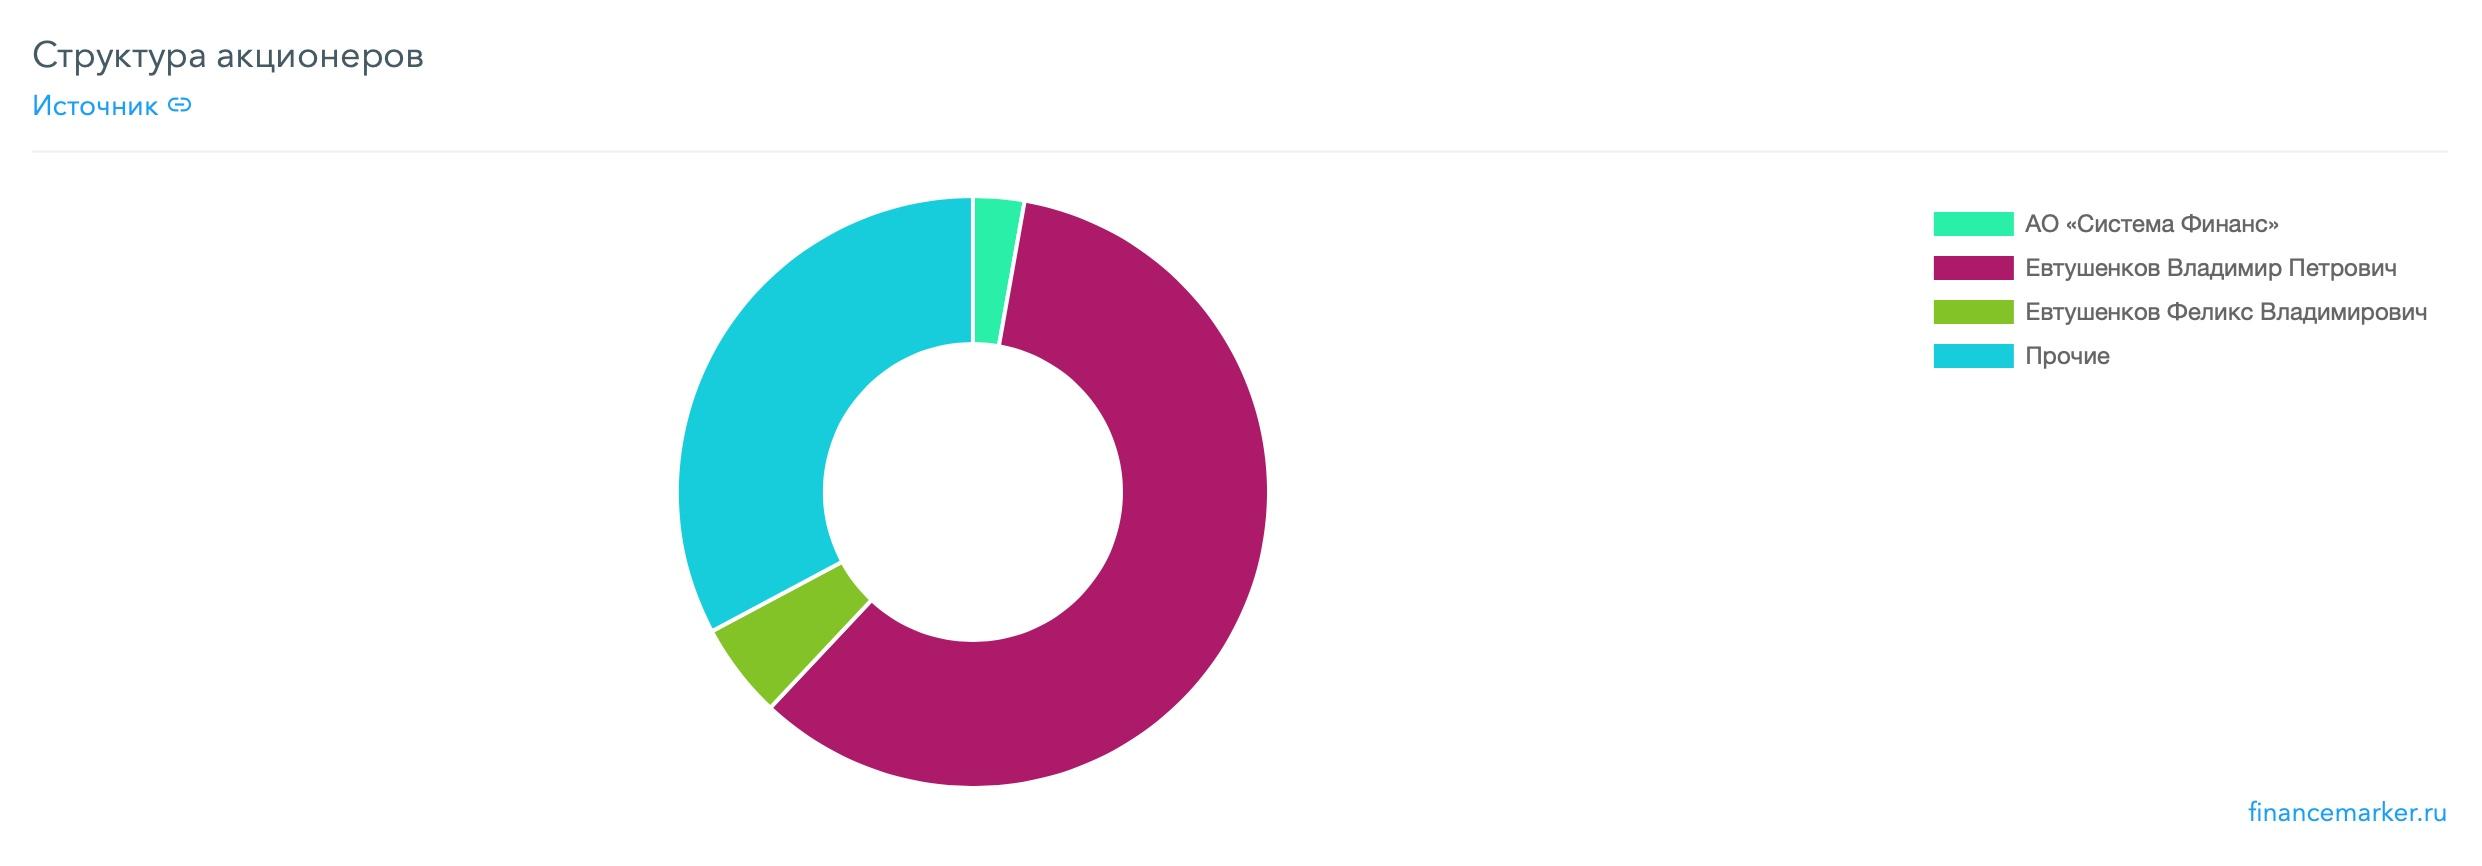 АФК Система - полный разбор компании + SWOT-анализ, изображение №11